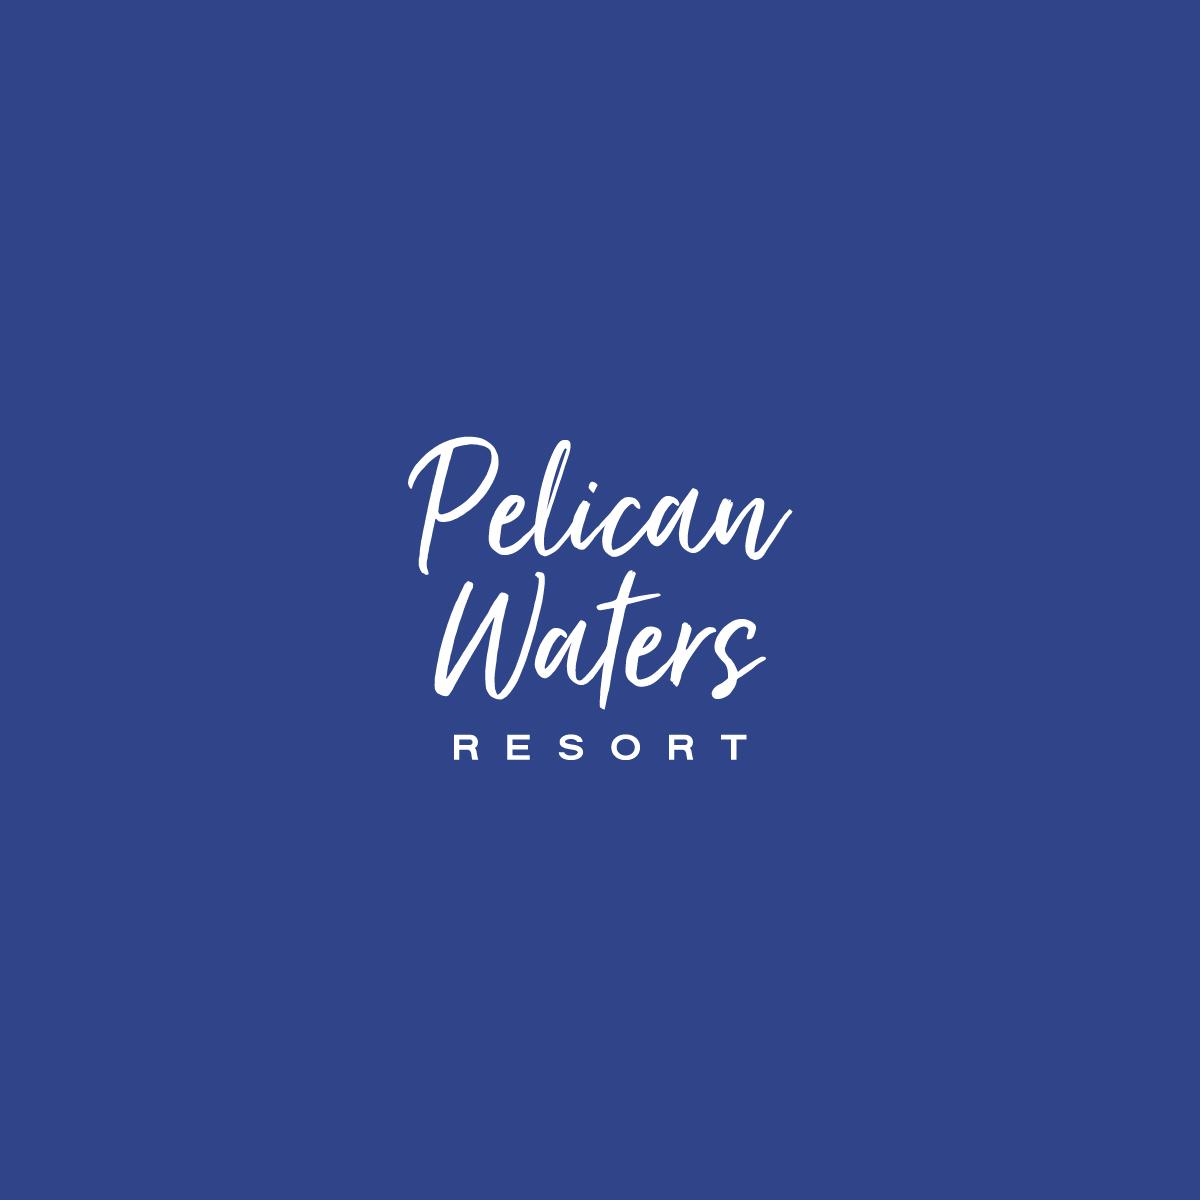 Pelican-Waters-Resort-3